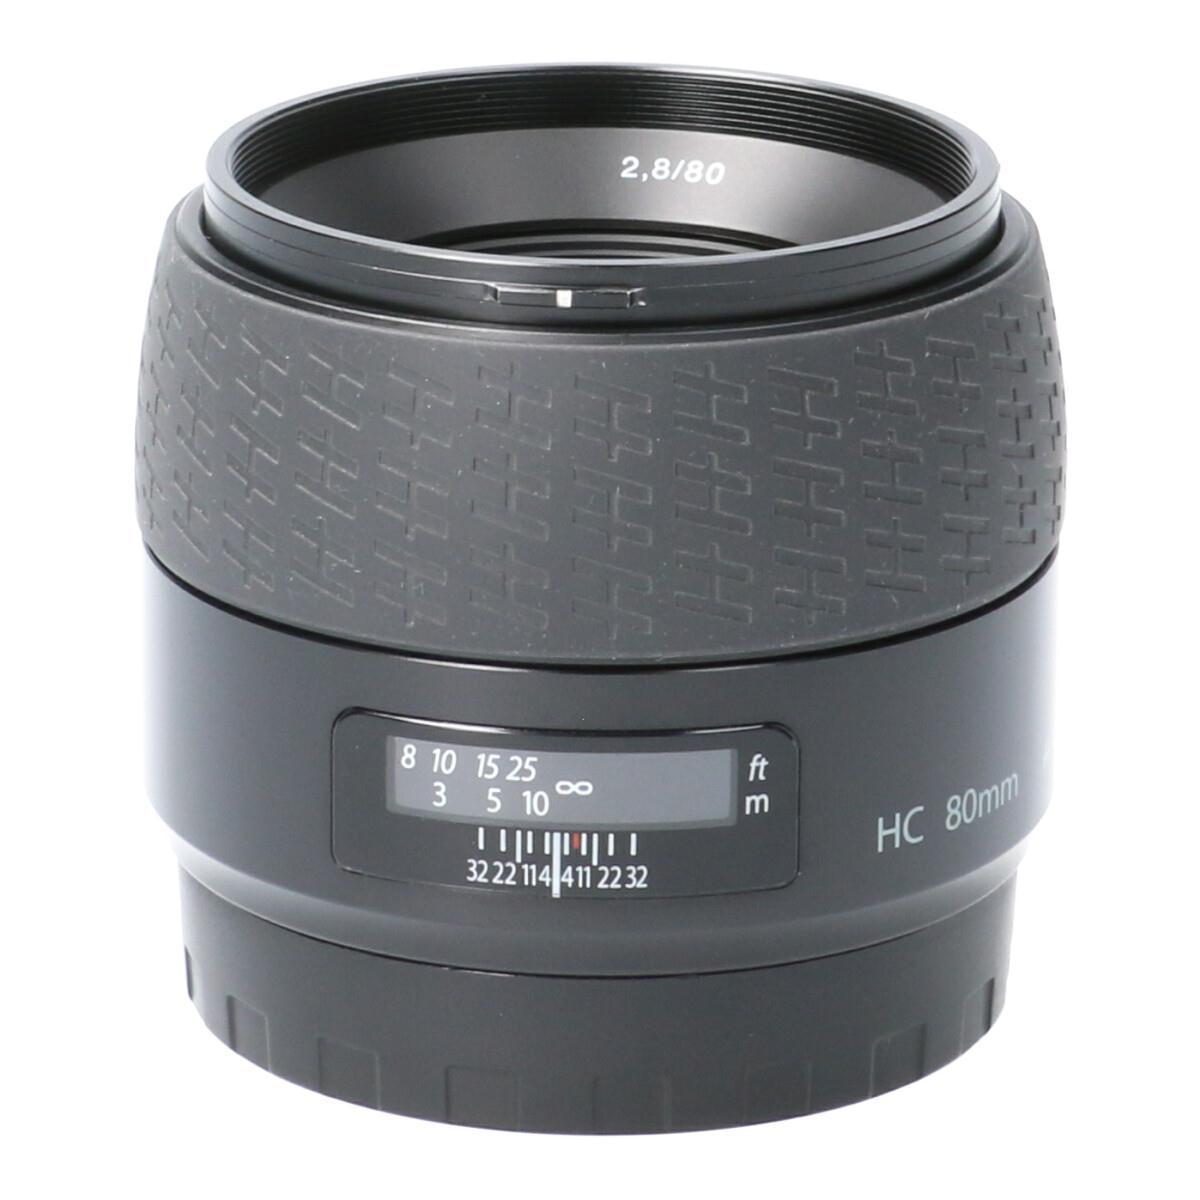 カメラ・ビデオカメラ・光学機器, カメラ用交換レンズ HASSELBLAD HC80mm F28